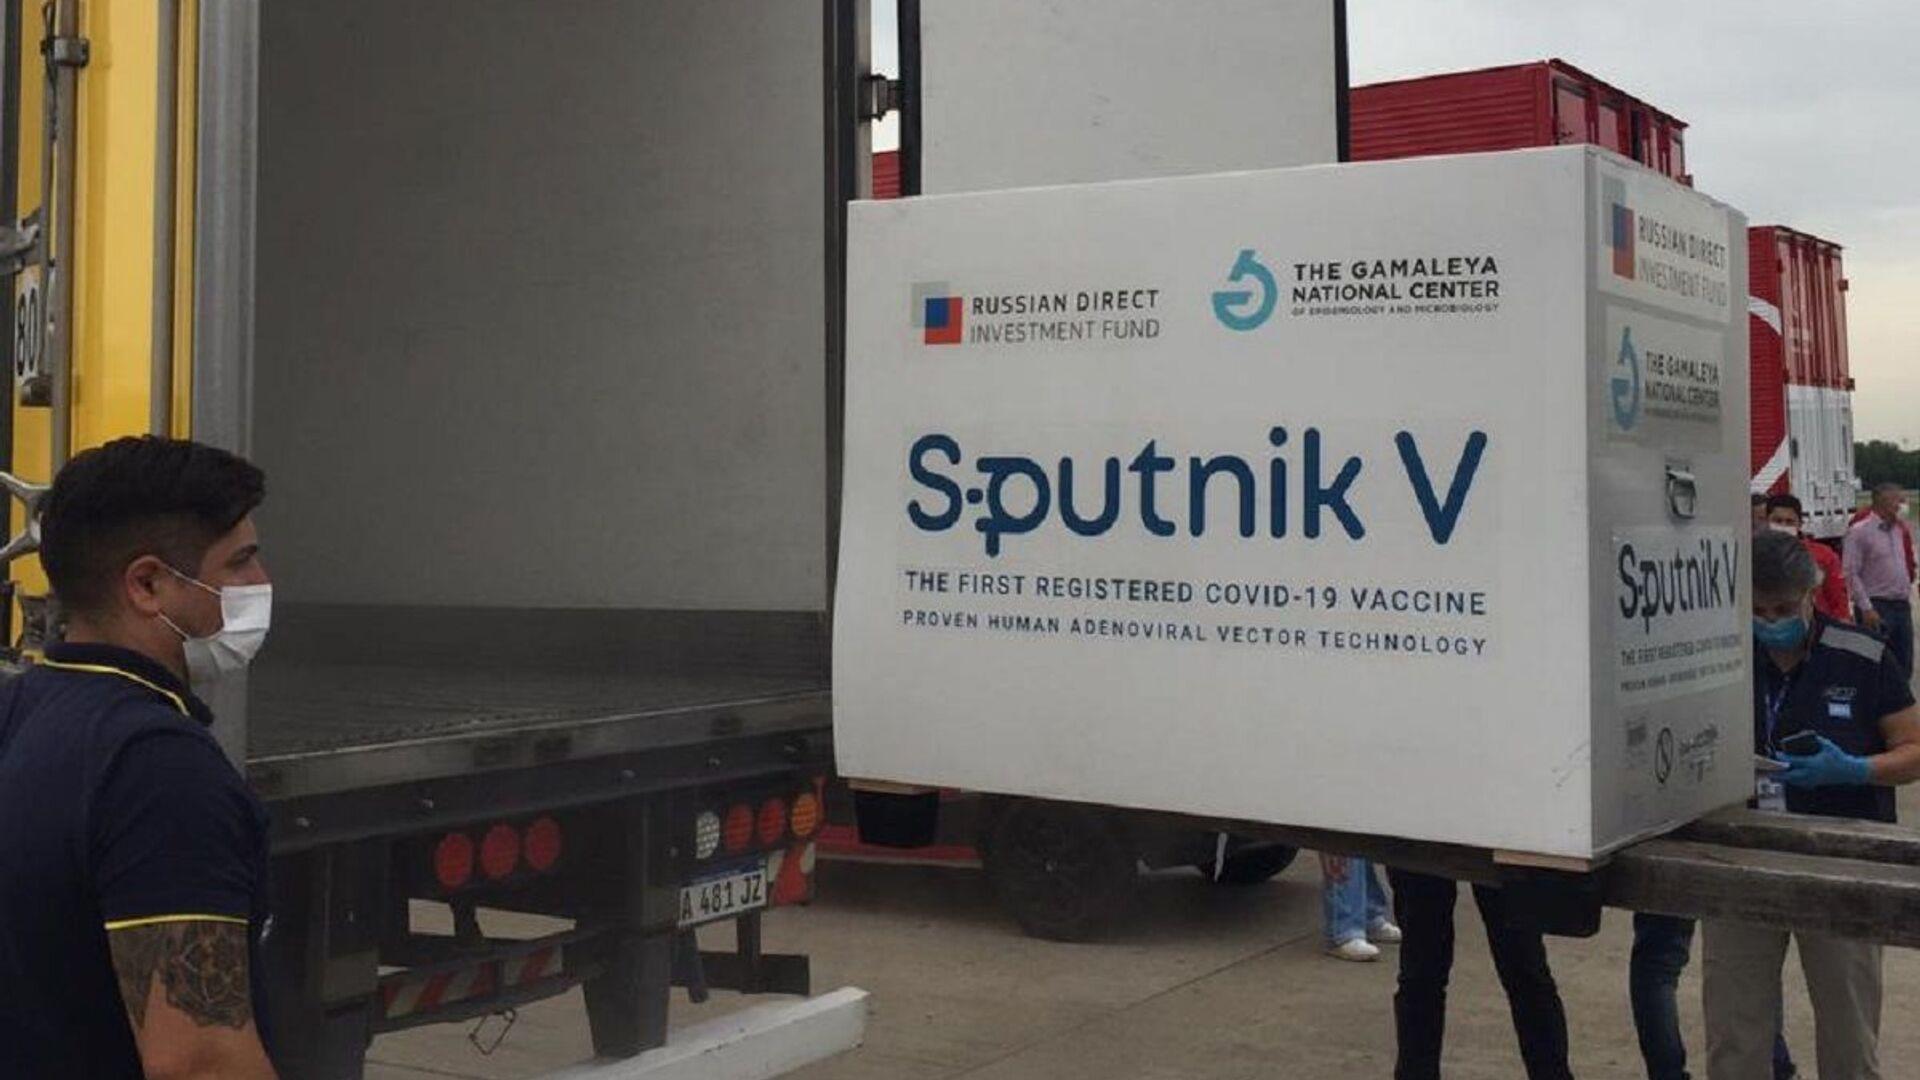 El avión con la vacuna rusa Sputnik V llega a Argentina - Sputnik Mundo, 1920, 09.03.2021